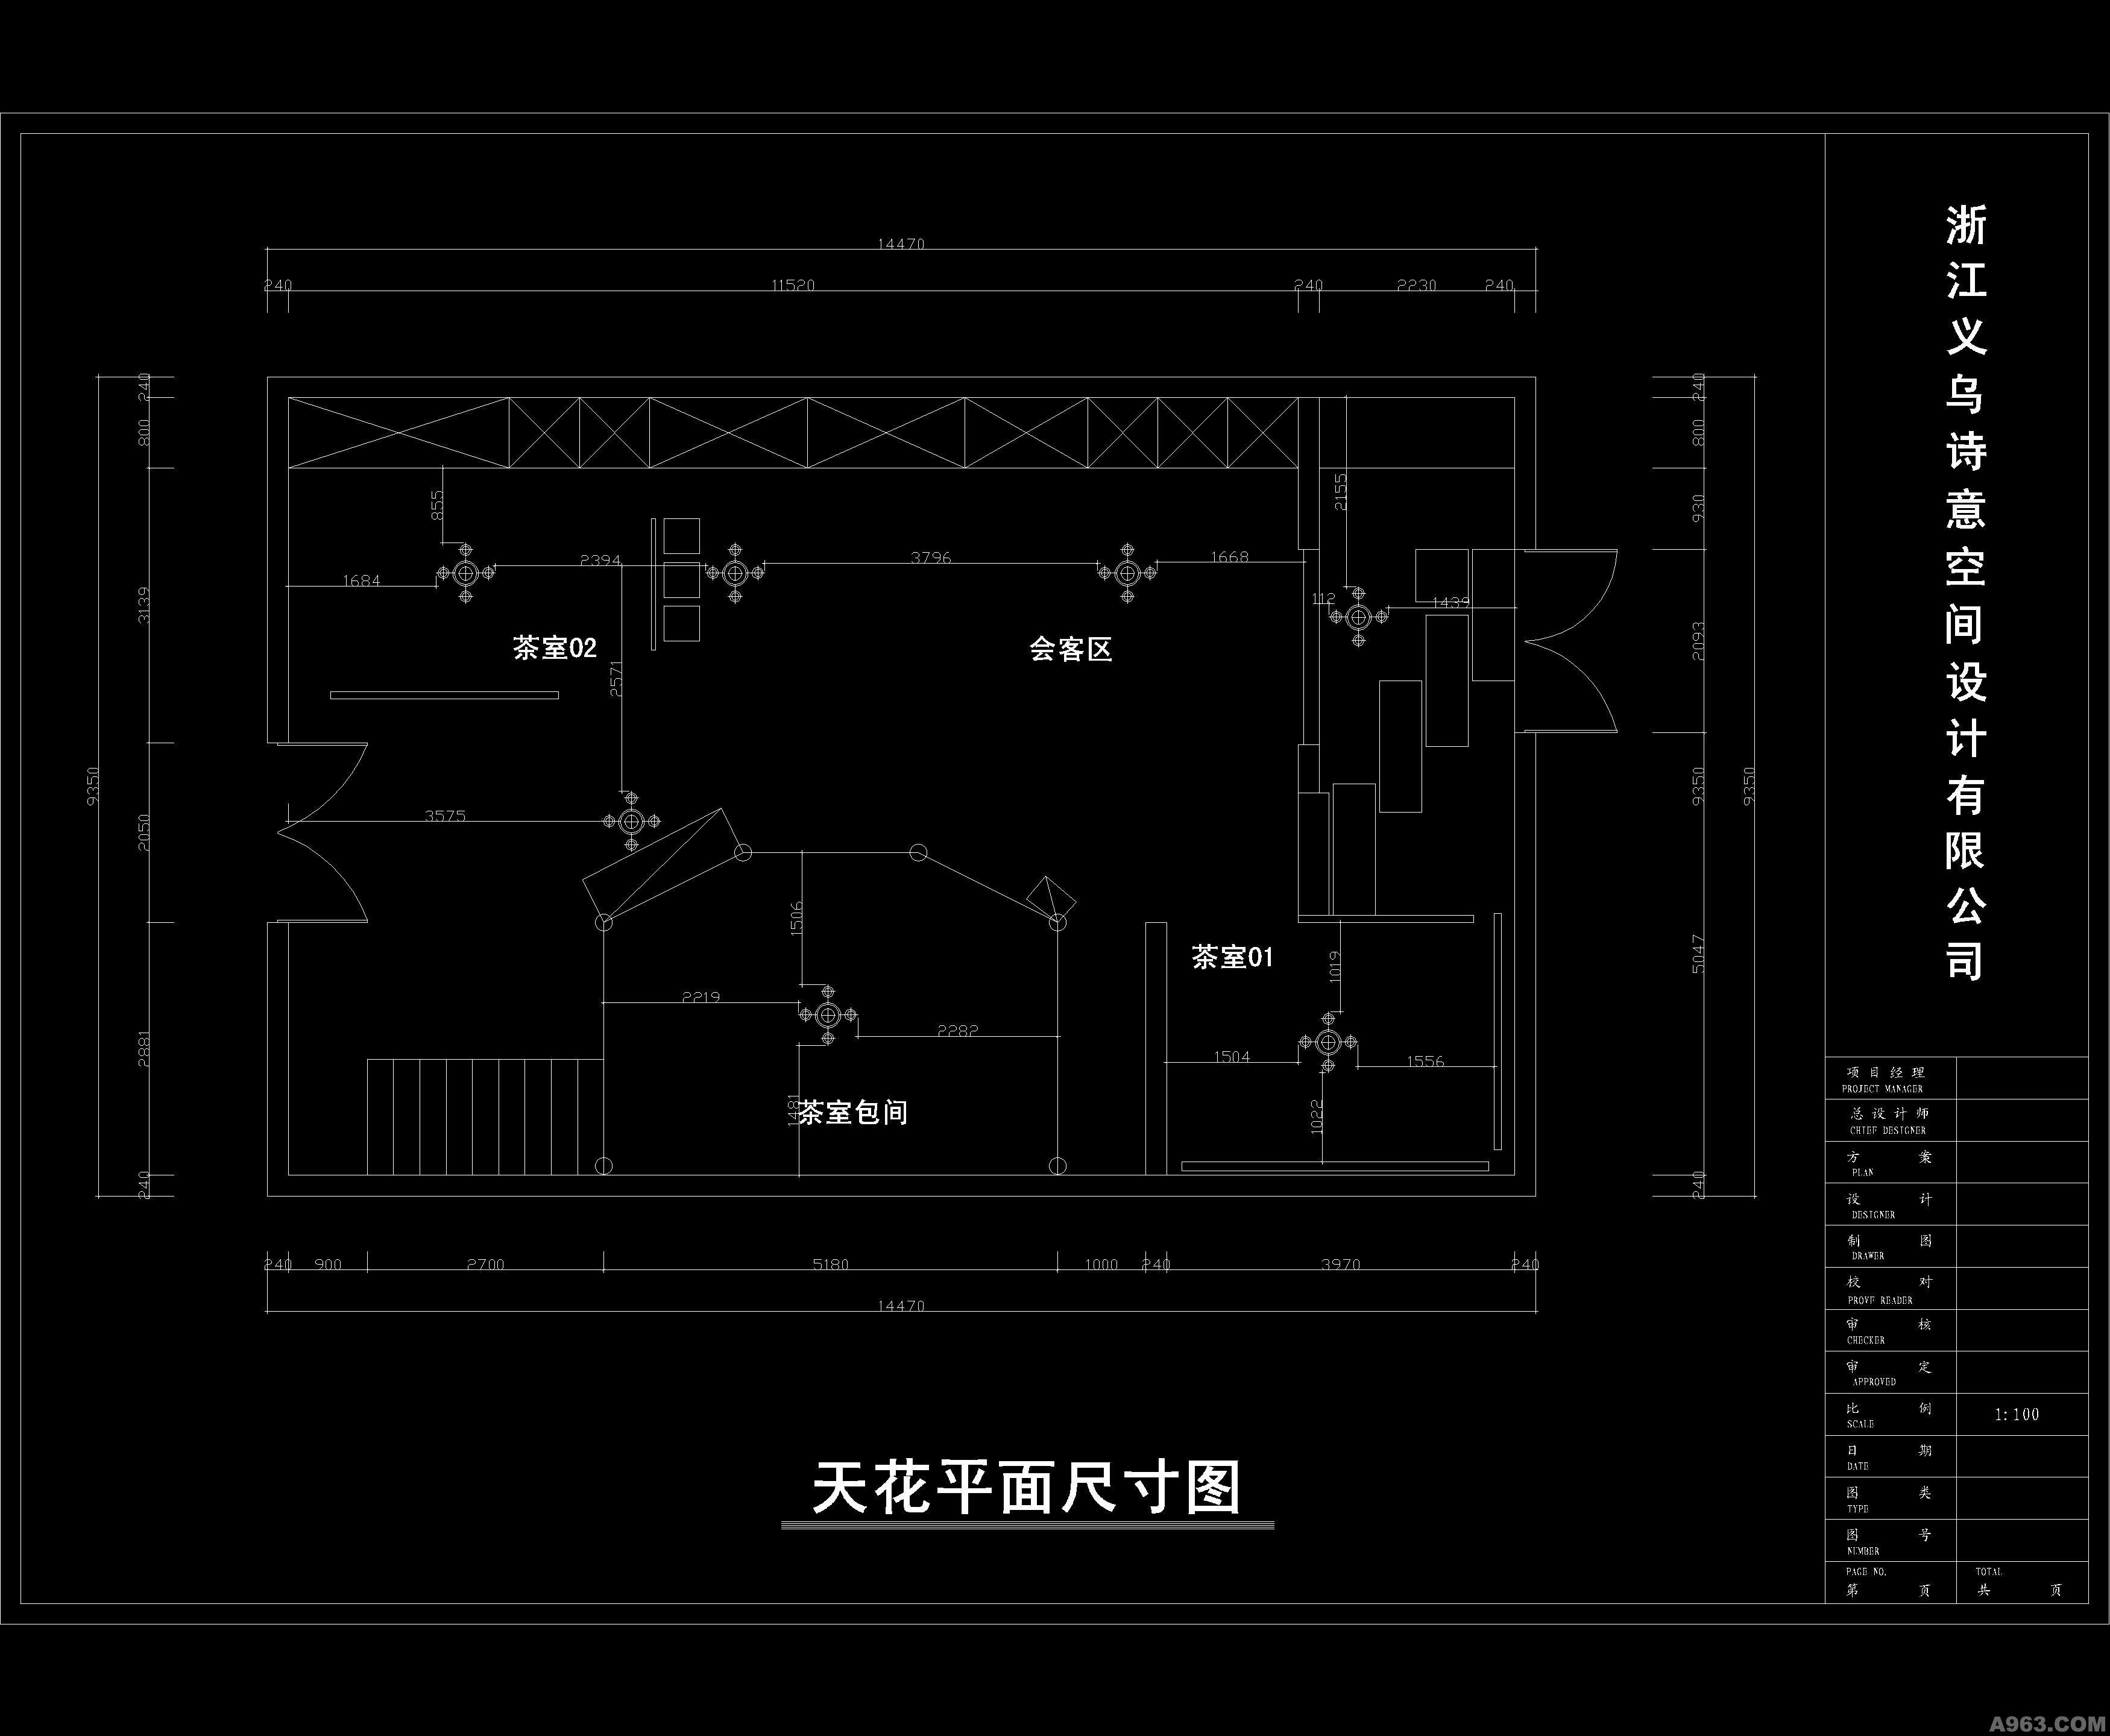 中华室内设计网 作品中心 公共空间 茶艺茶馆 > 周竹梵作品